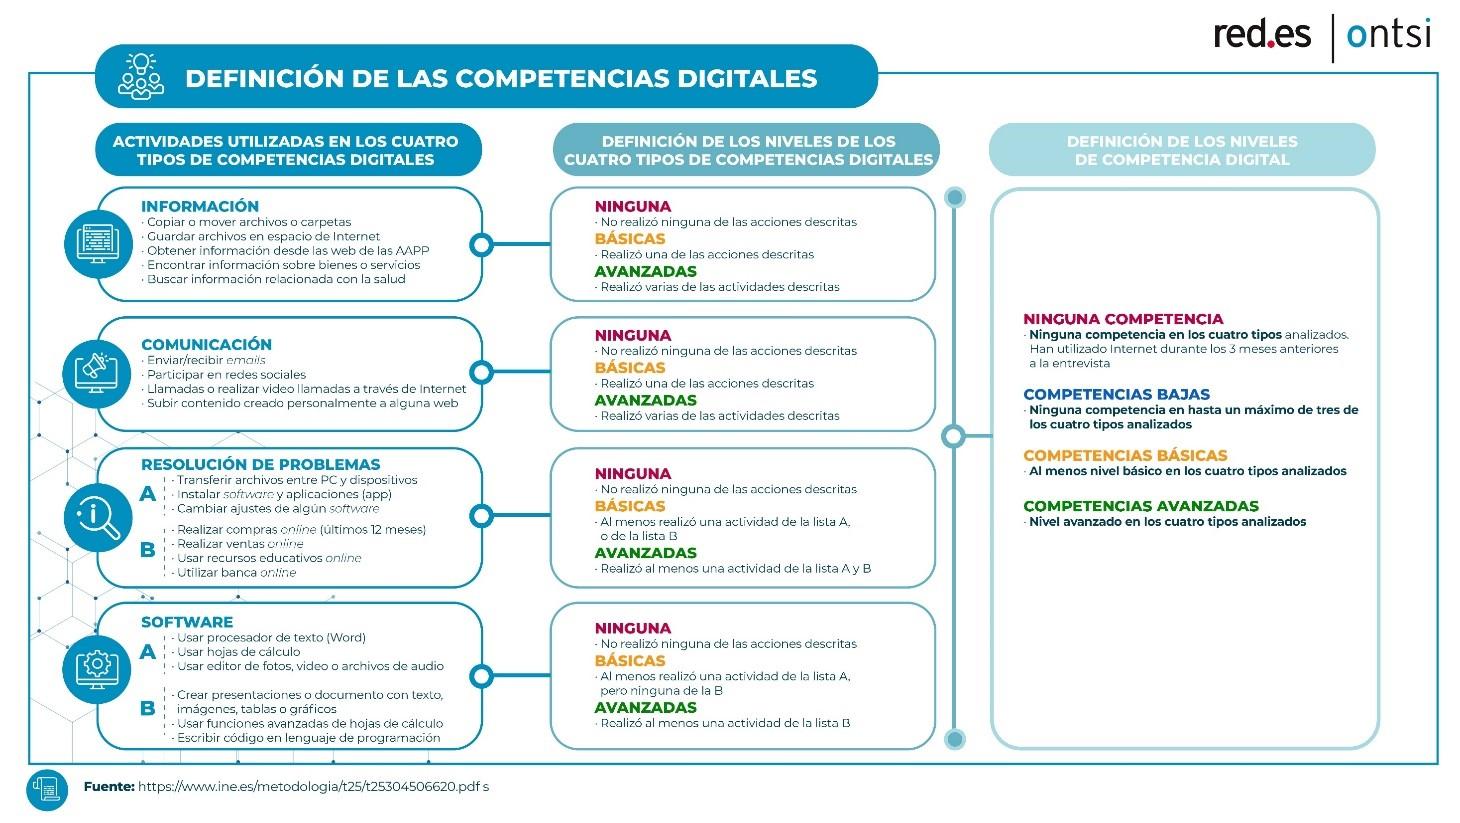 Competencias digitales de los internautas españoles. 2020.